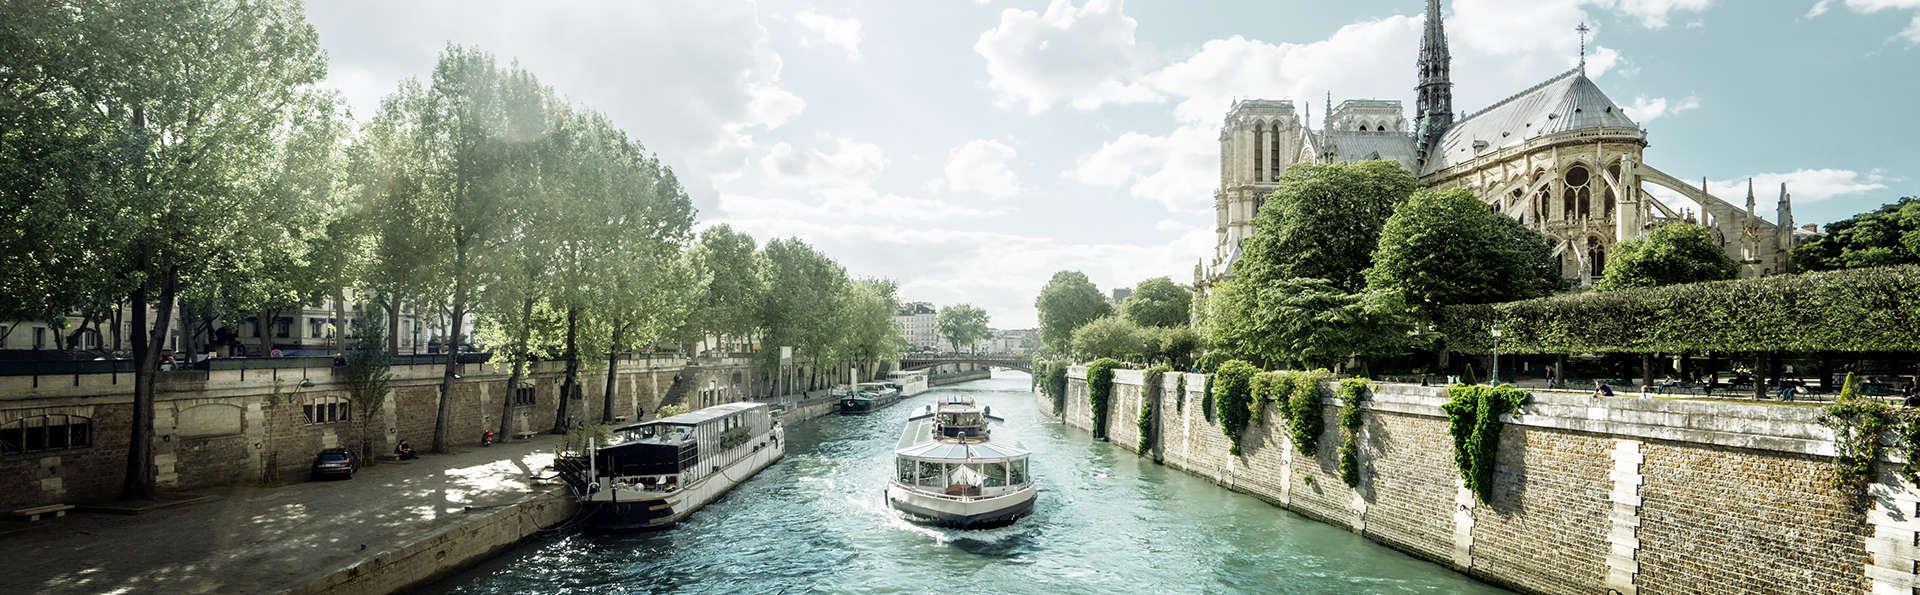 Séjour confort près de Paris et croisière sur la Seine